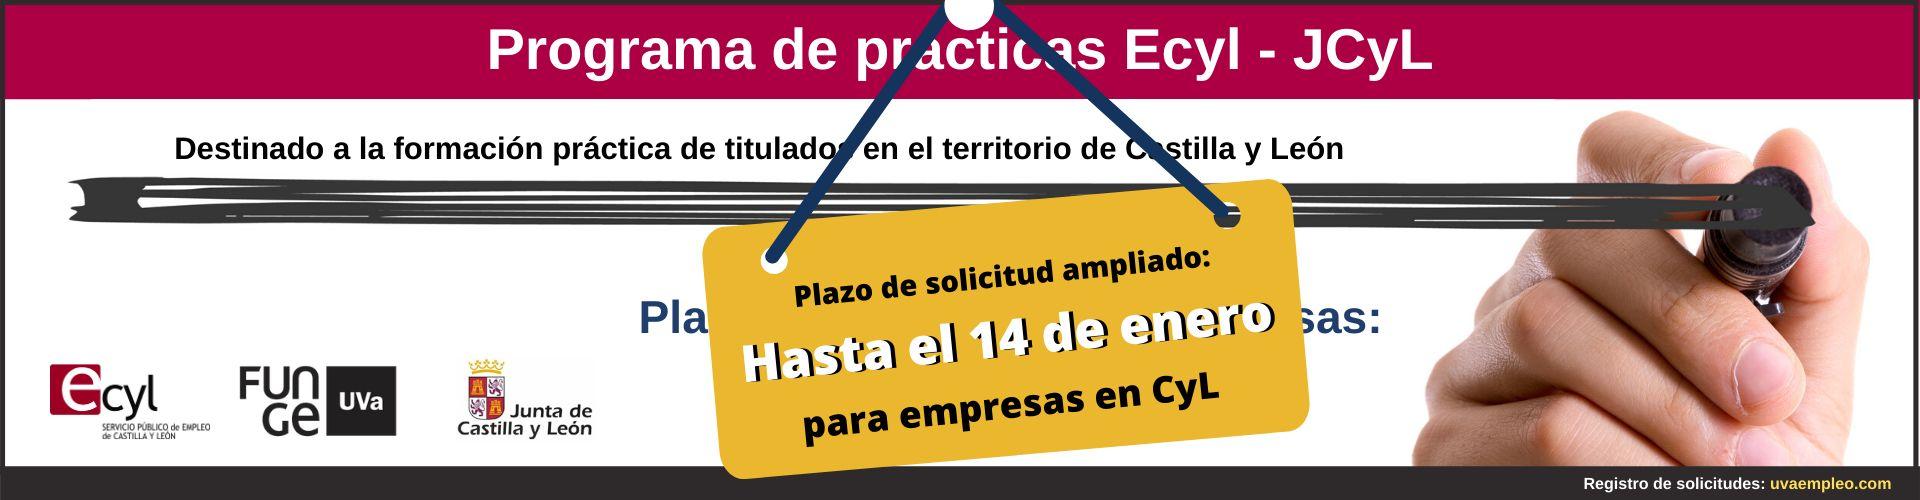 Programa de prácticas para titulados Ecyl - JCyL 2020 - Fundación General de la Universidad de Valladolid - plazo de presentación ampliado